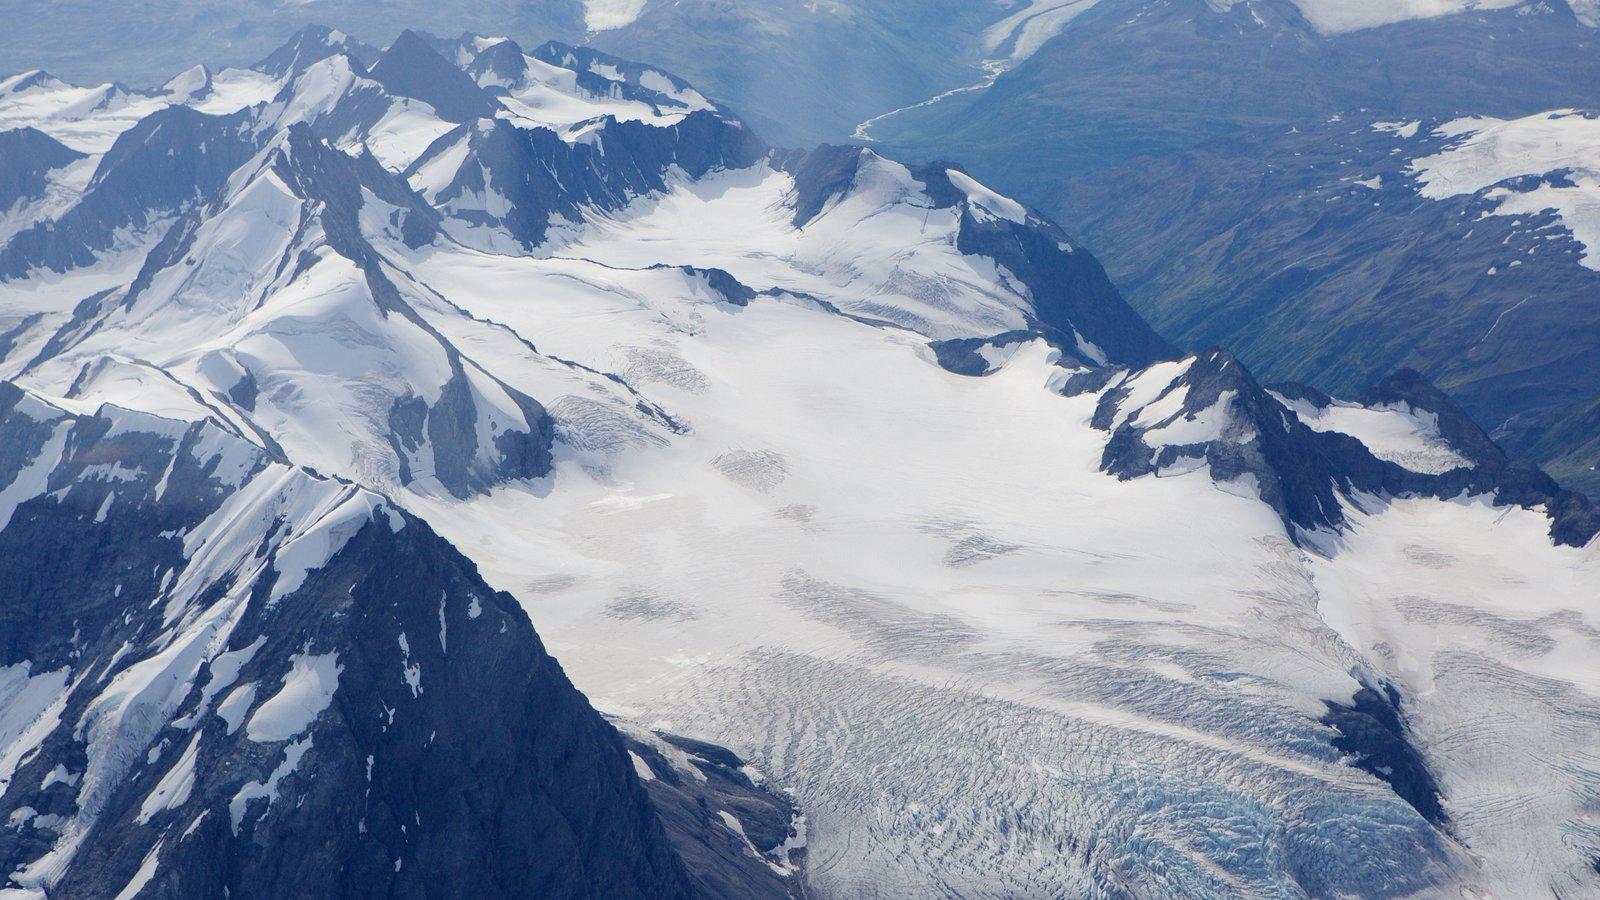 Parque Nacional y Reserva Wrangell-St. Elias mostrando montañas y nieve